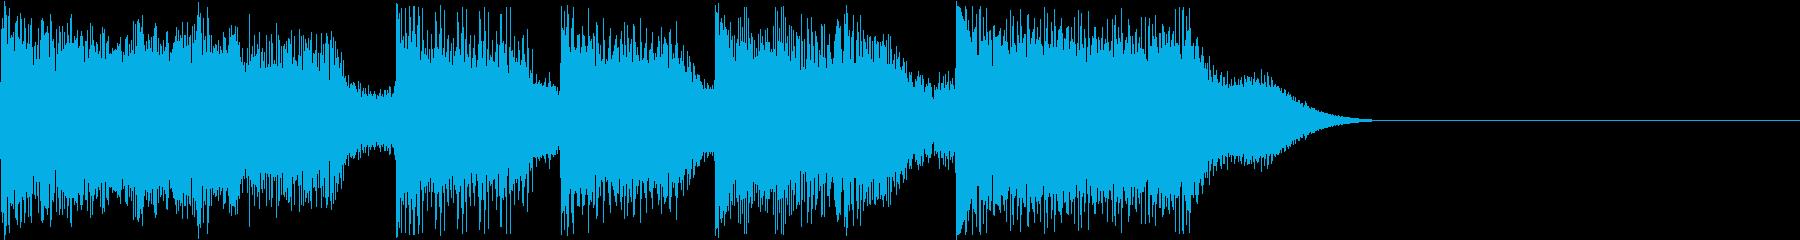 AI メカ/ロボ/マシン動作音 41の再生済みの波形